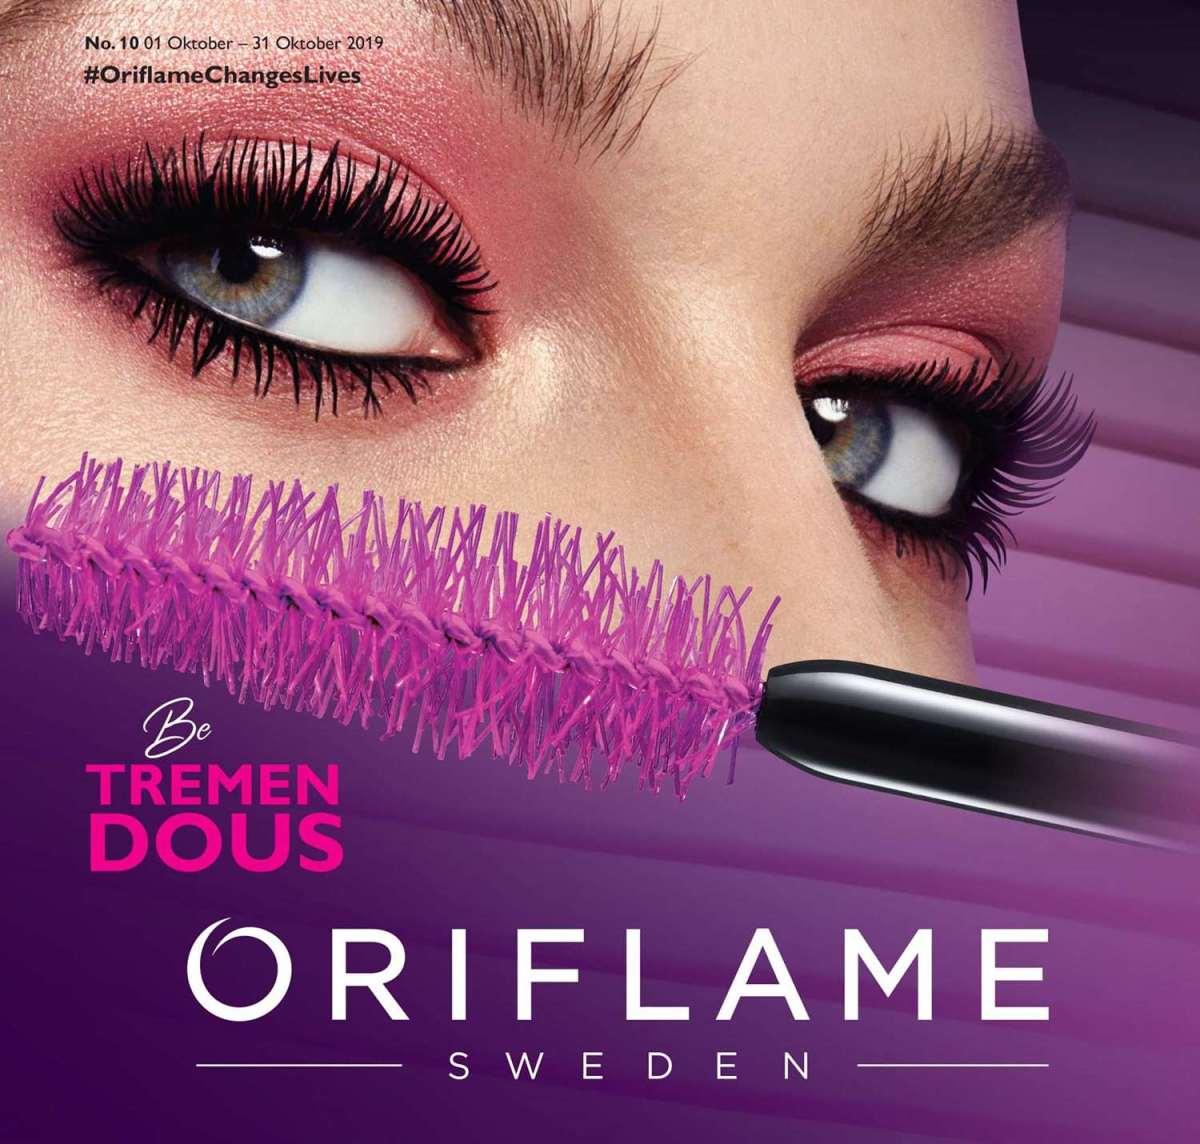 Katalog Oriflame Oktober 2019